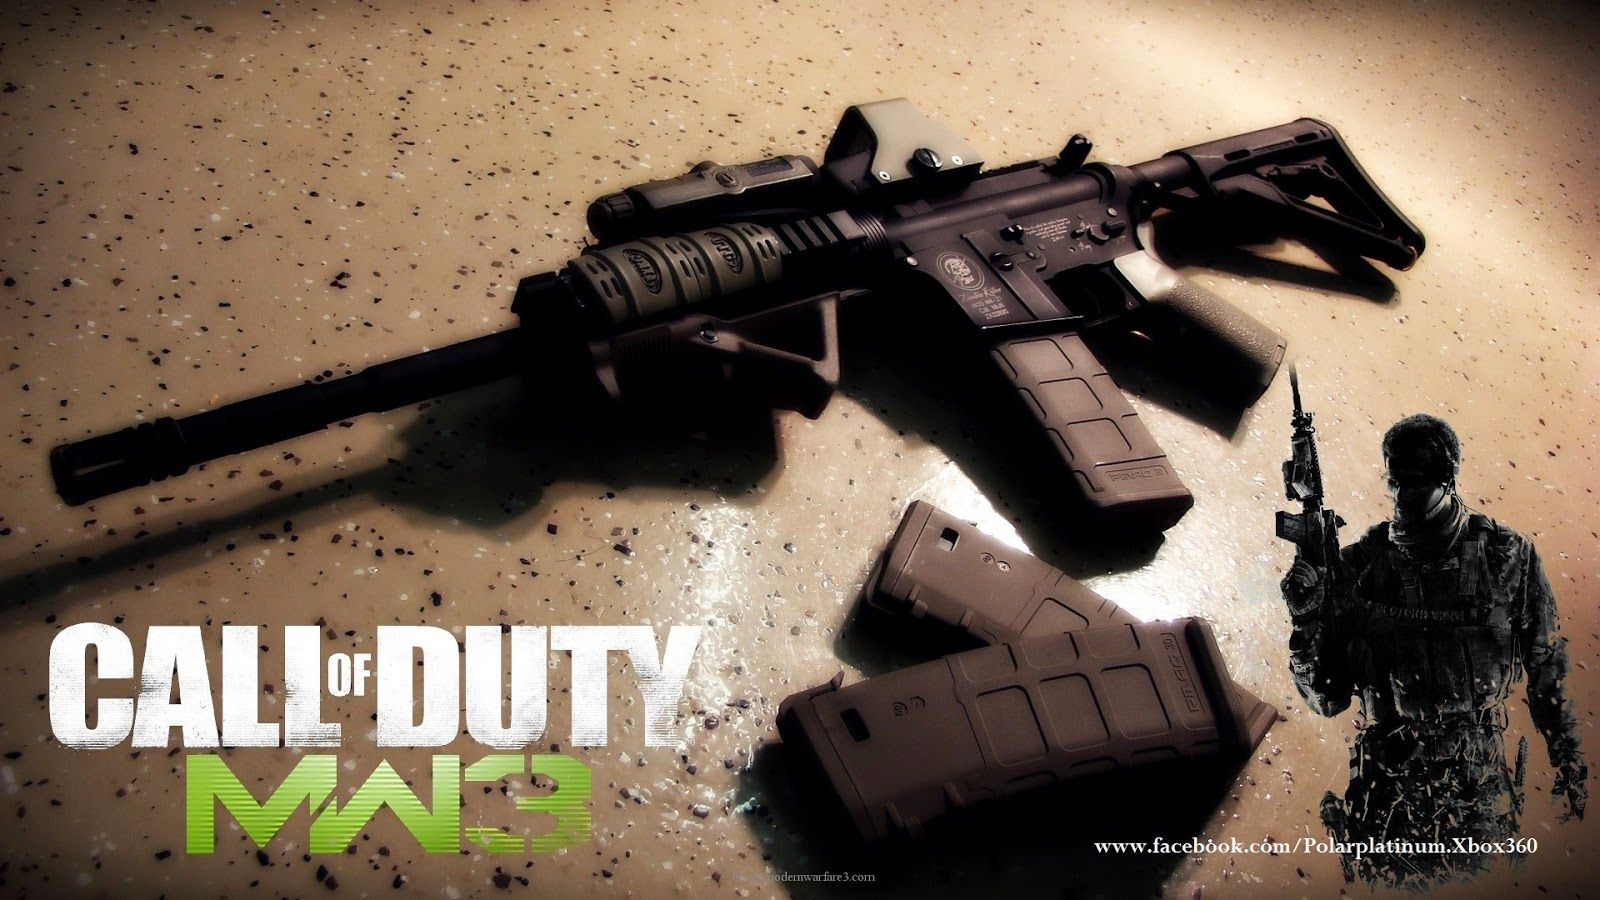 Polarplatinum 360 Callofduty Modernwarfare Callofduty Advancedwarfare Battlefield Titanfall Call Of Duty Modern Warfare Warfare